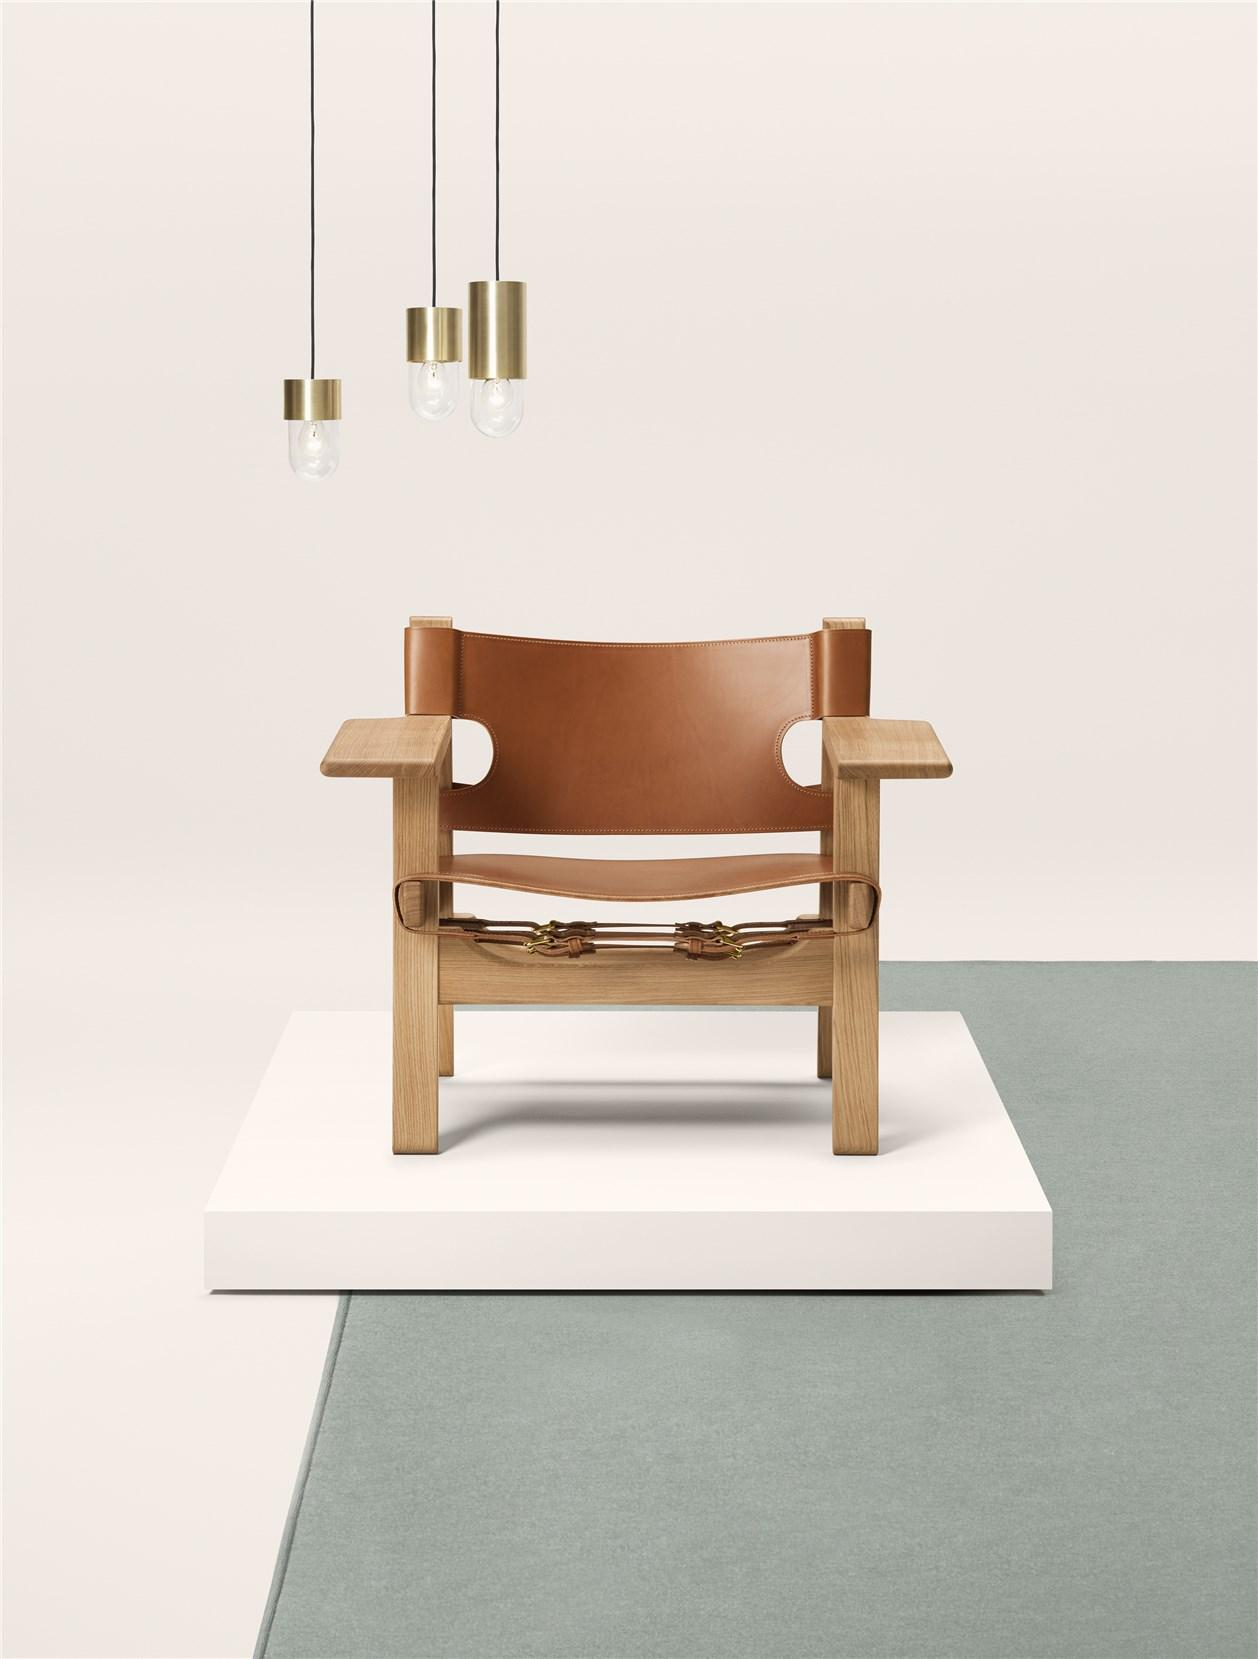 Furniture Design News børge mogensen - nordic design news